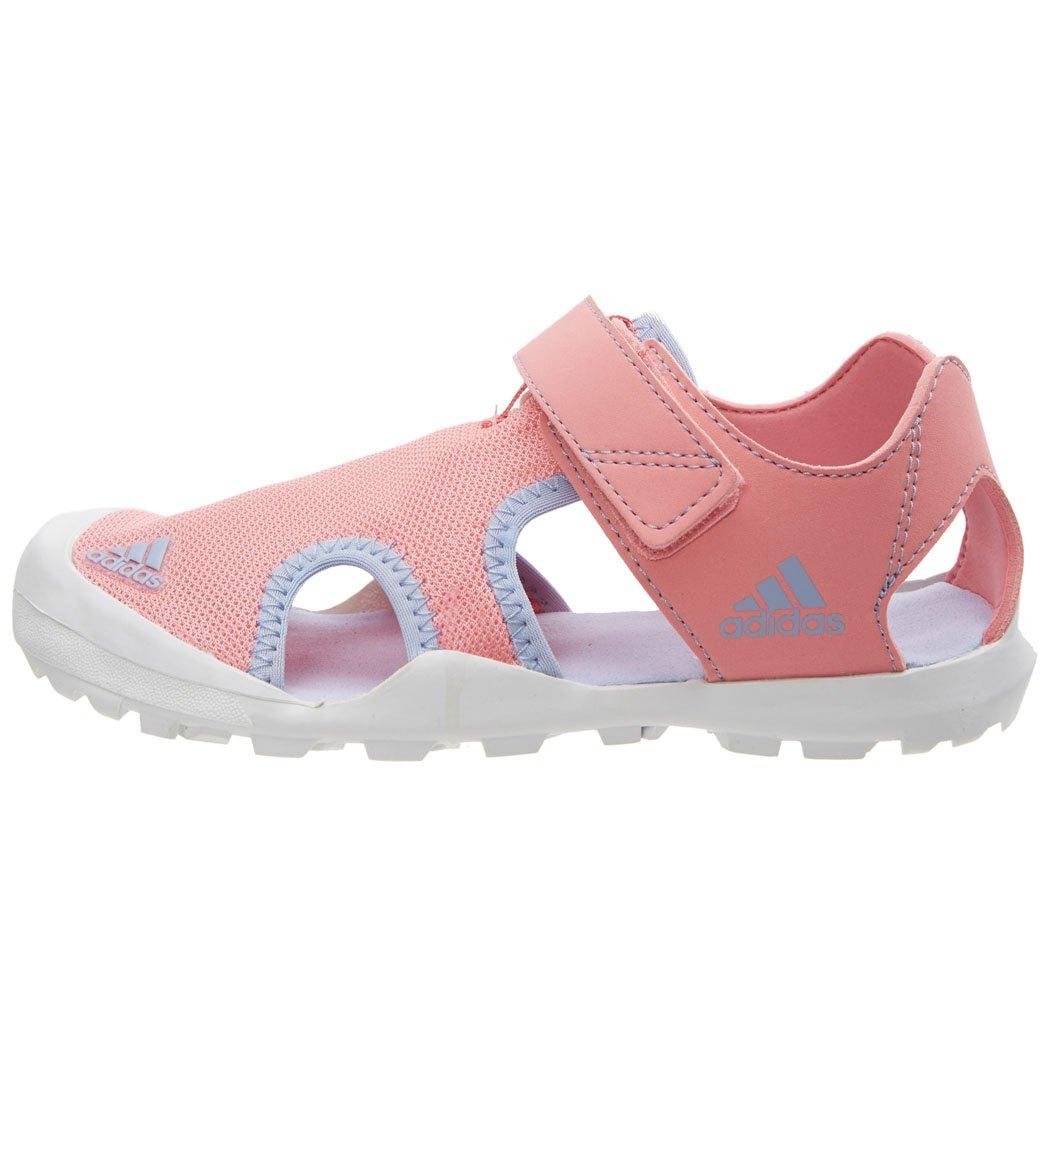 3ff95fb52aef Adidas Kids  Captain Toey Water Shoe (Toddler